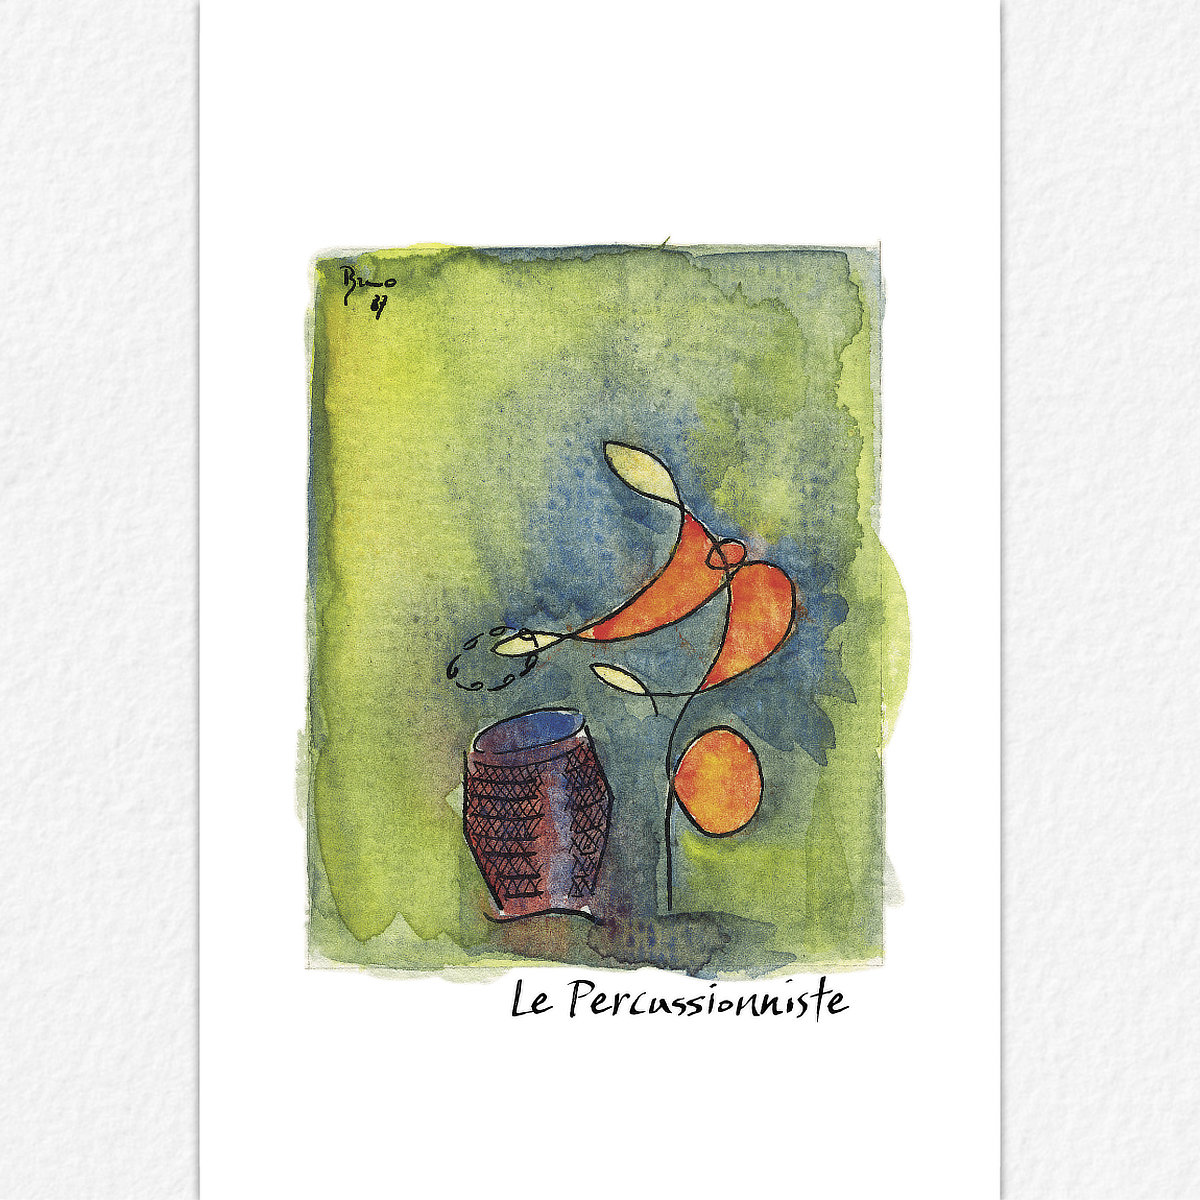 Le Percussionniste - carte postale